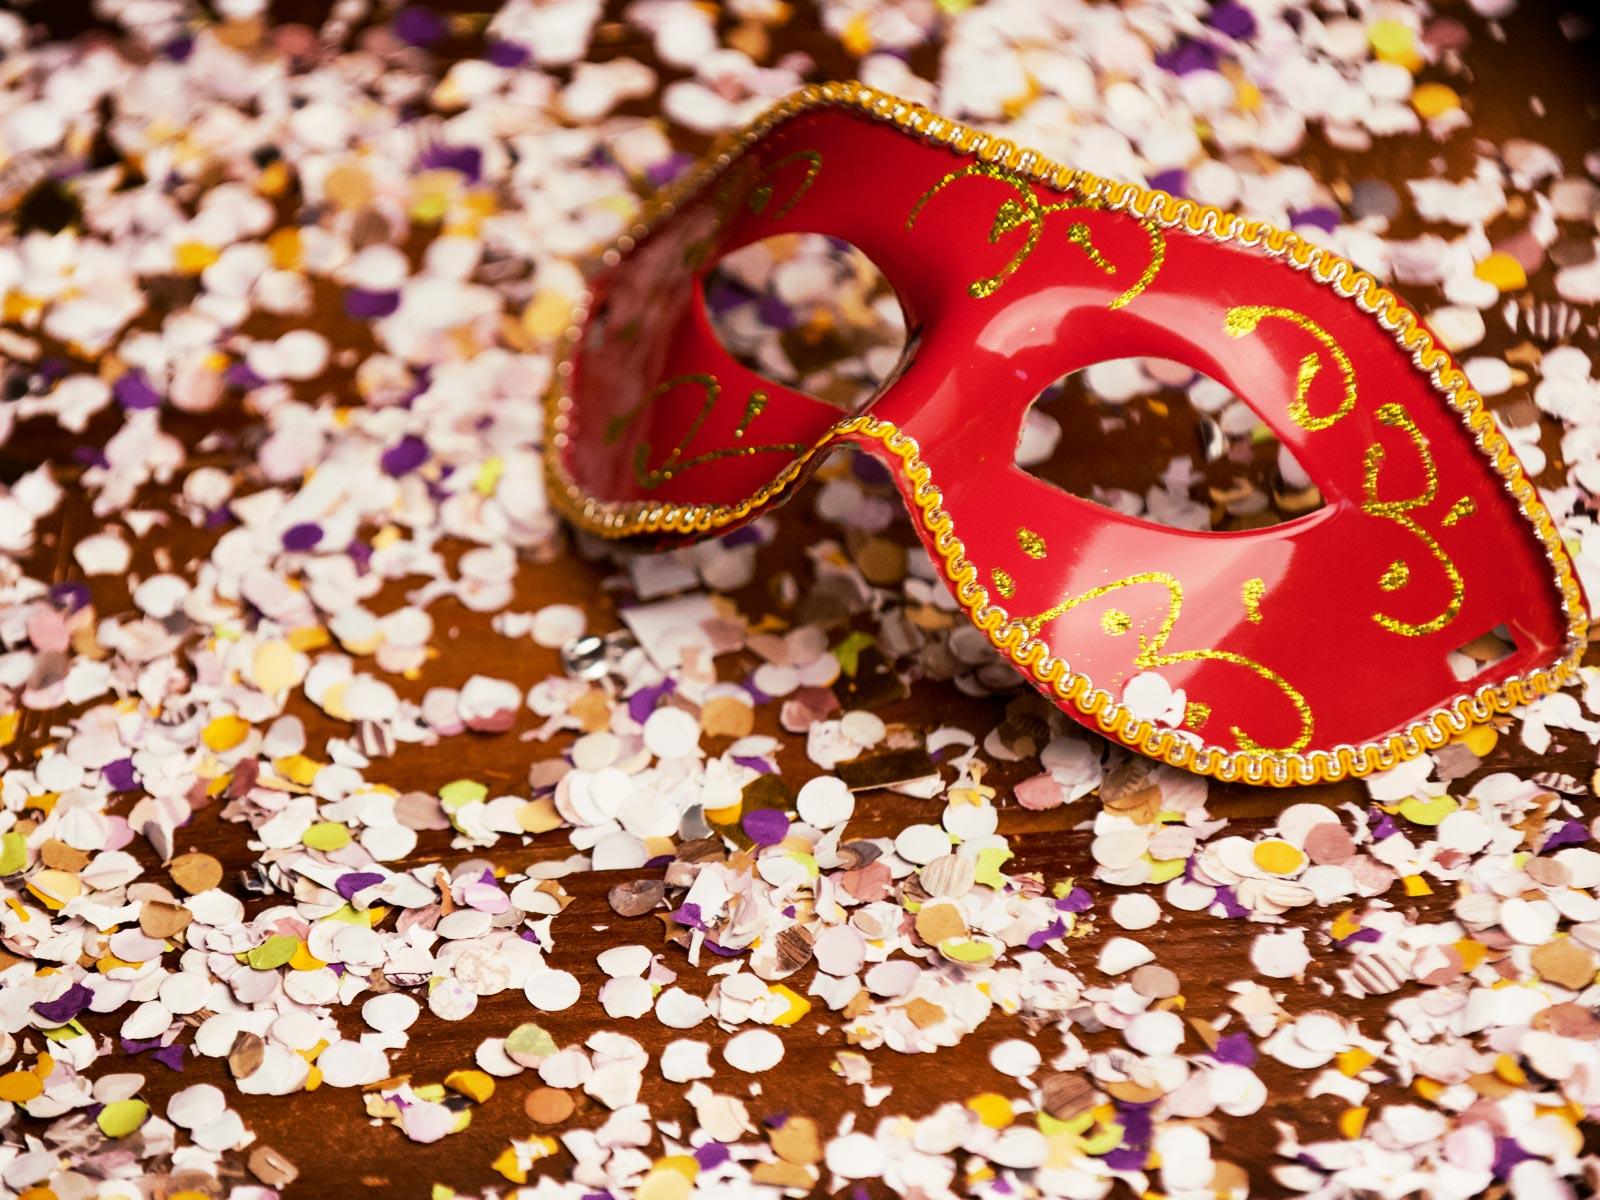 Existe relação entre o carnaval e o Cristianismo